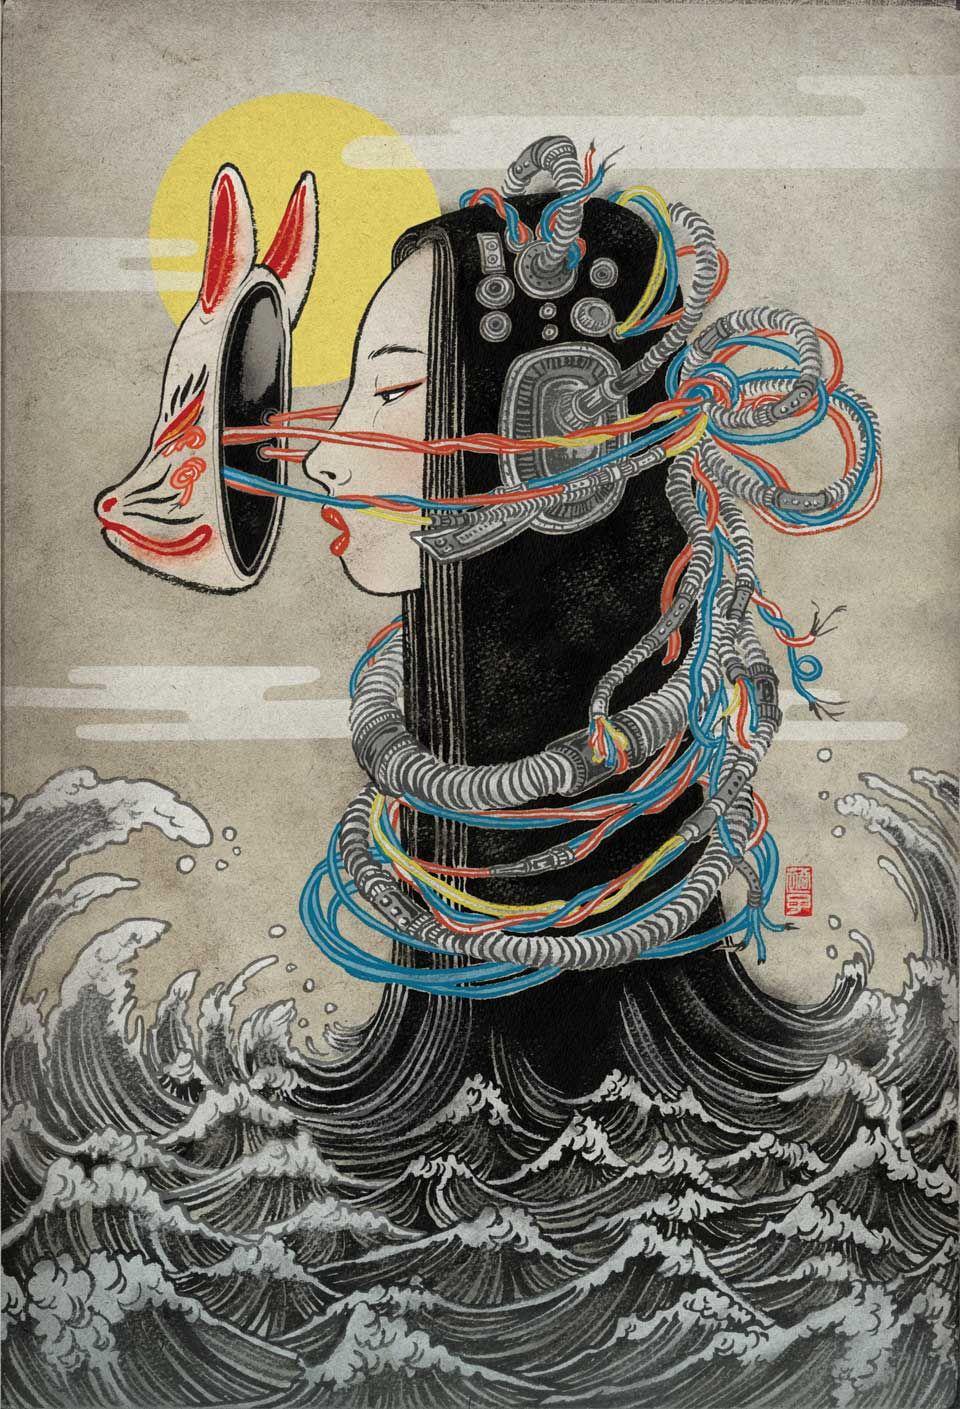 Yuko Shimizu Award winning Japanese illustrator based in